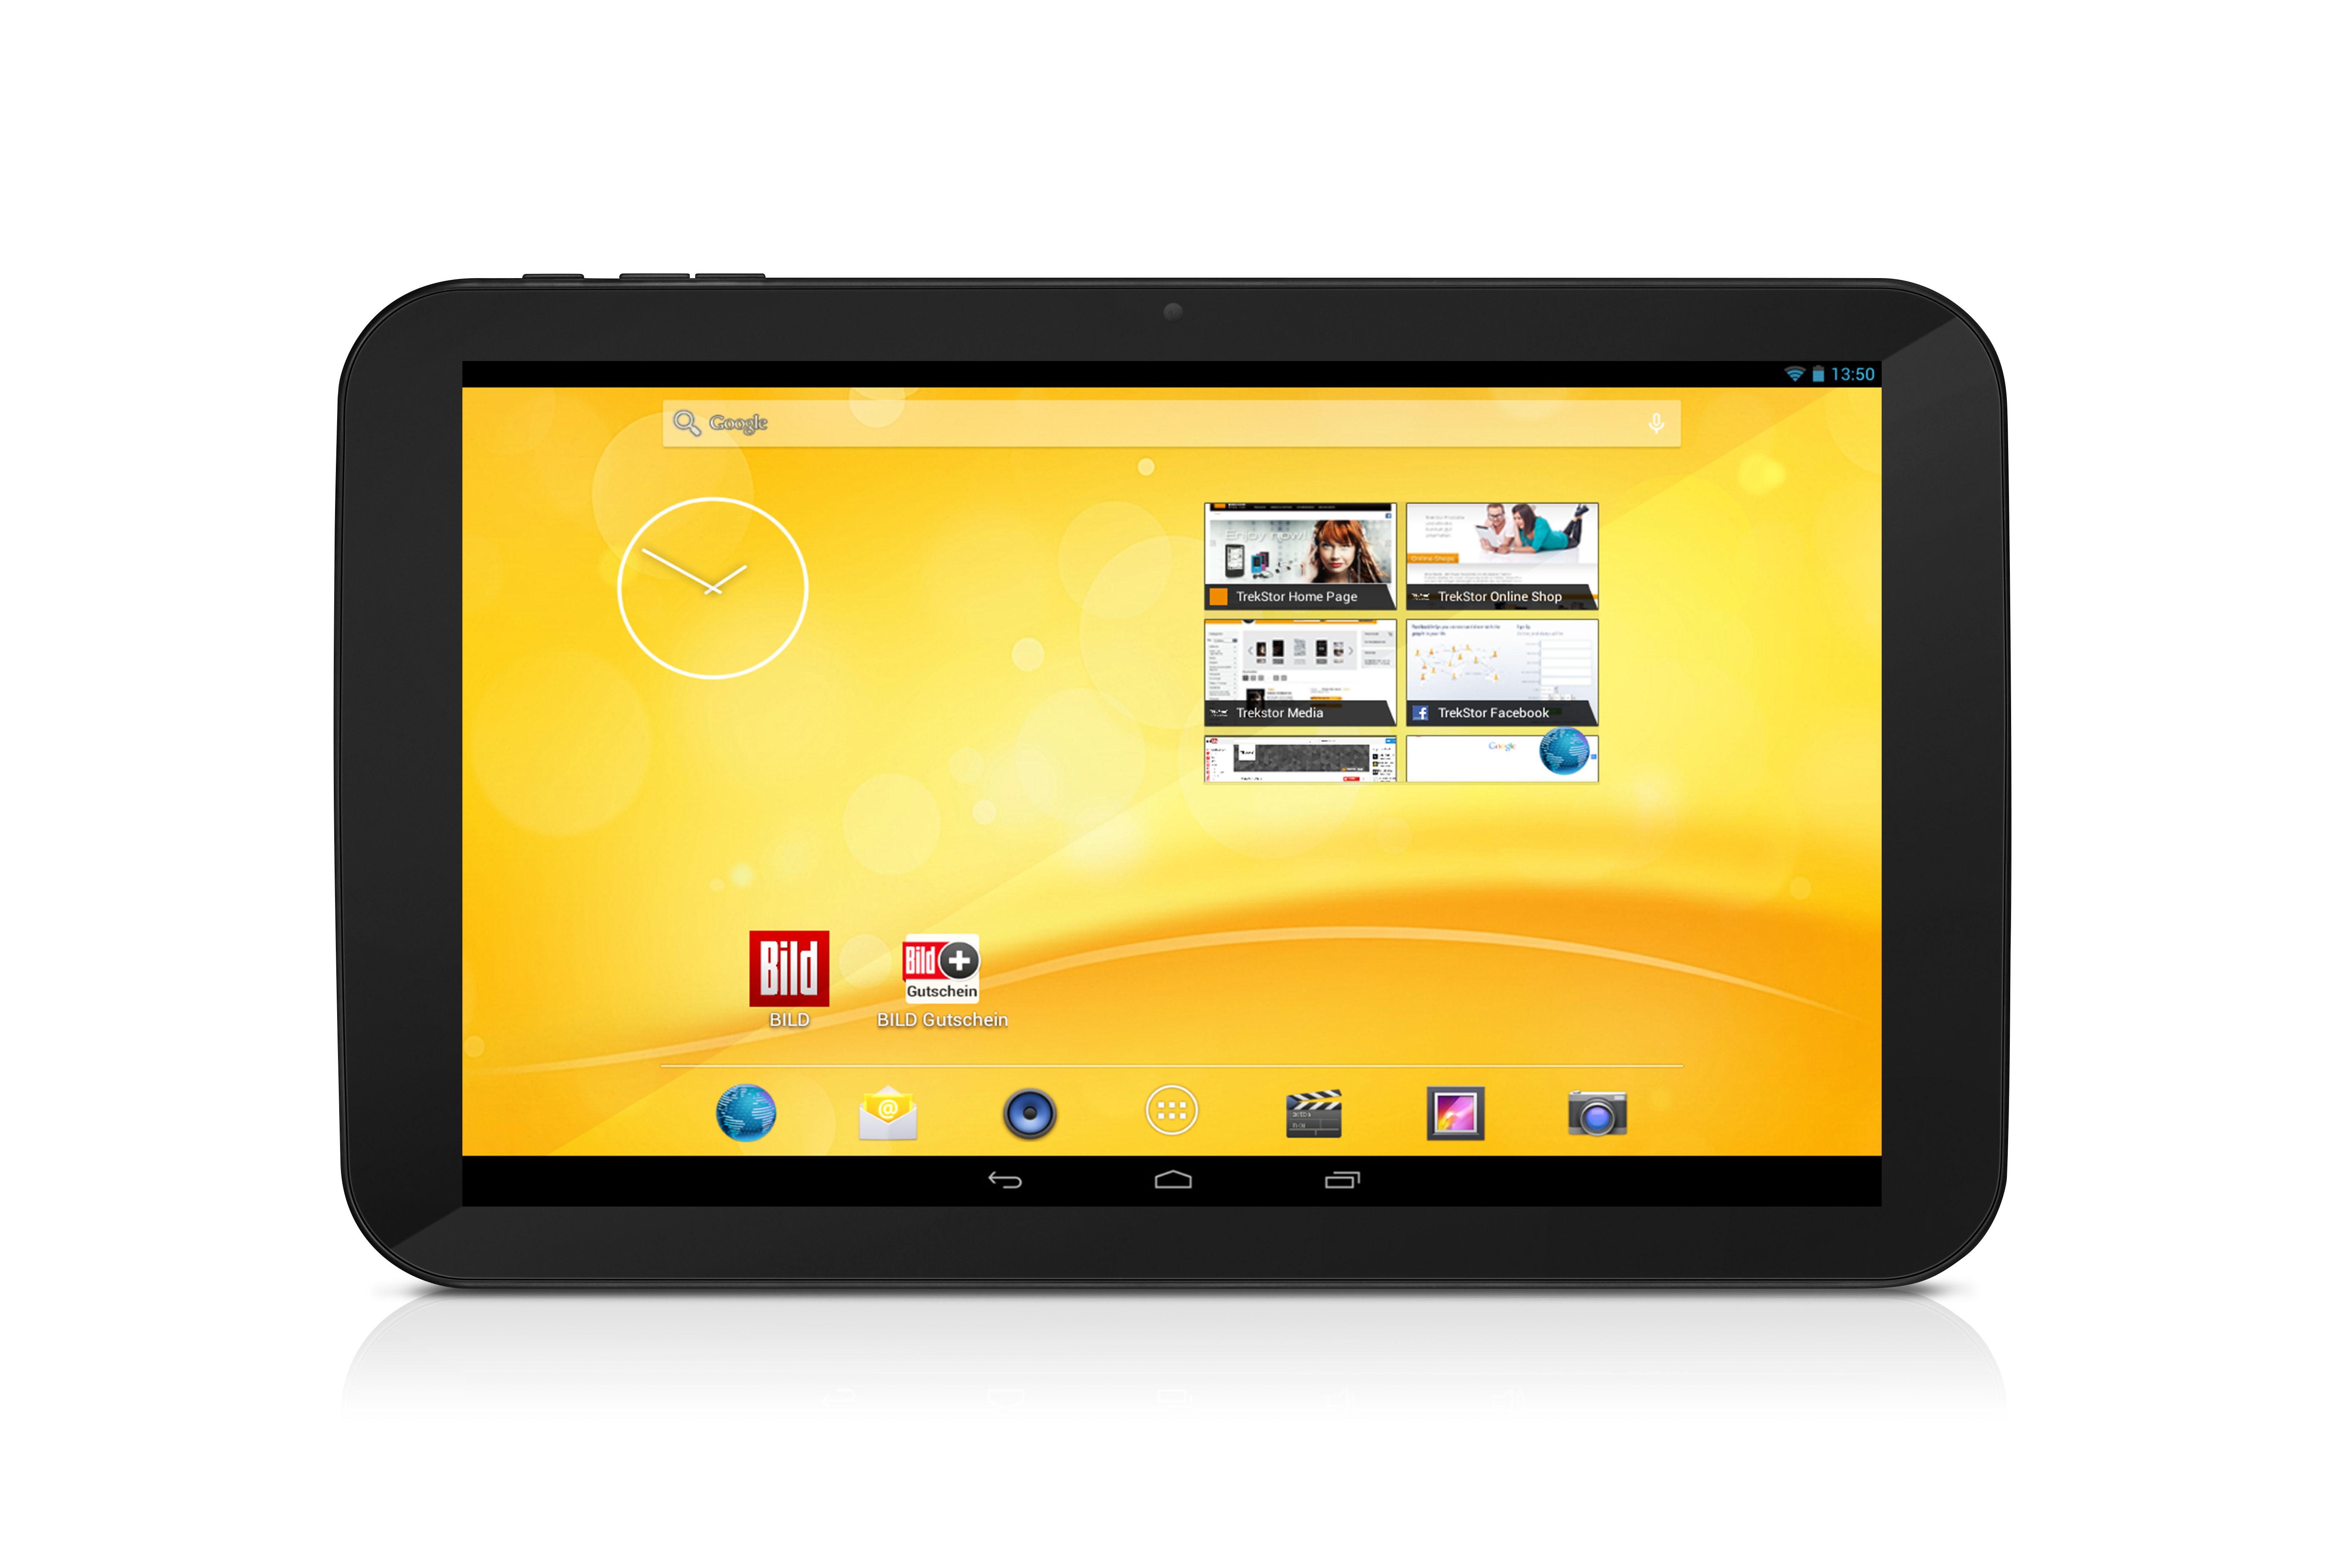 volks tablet erstes 3g tablet f r unter 200 eur von